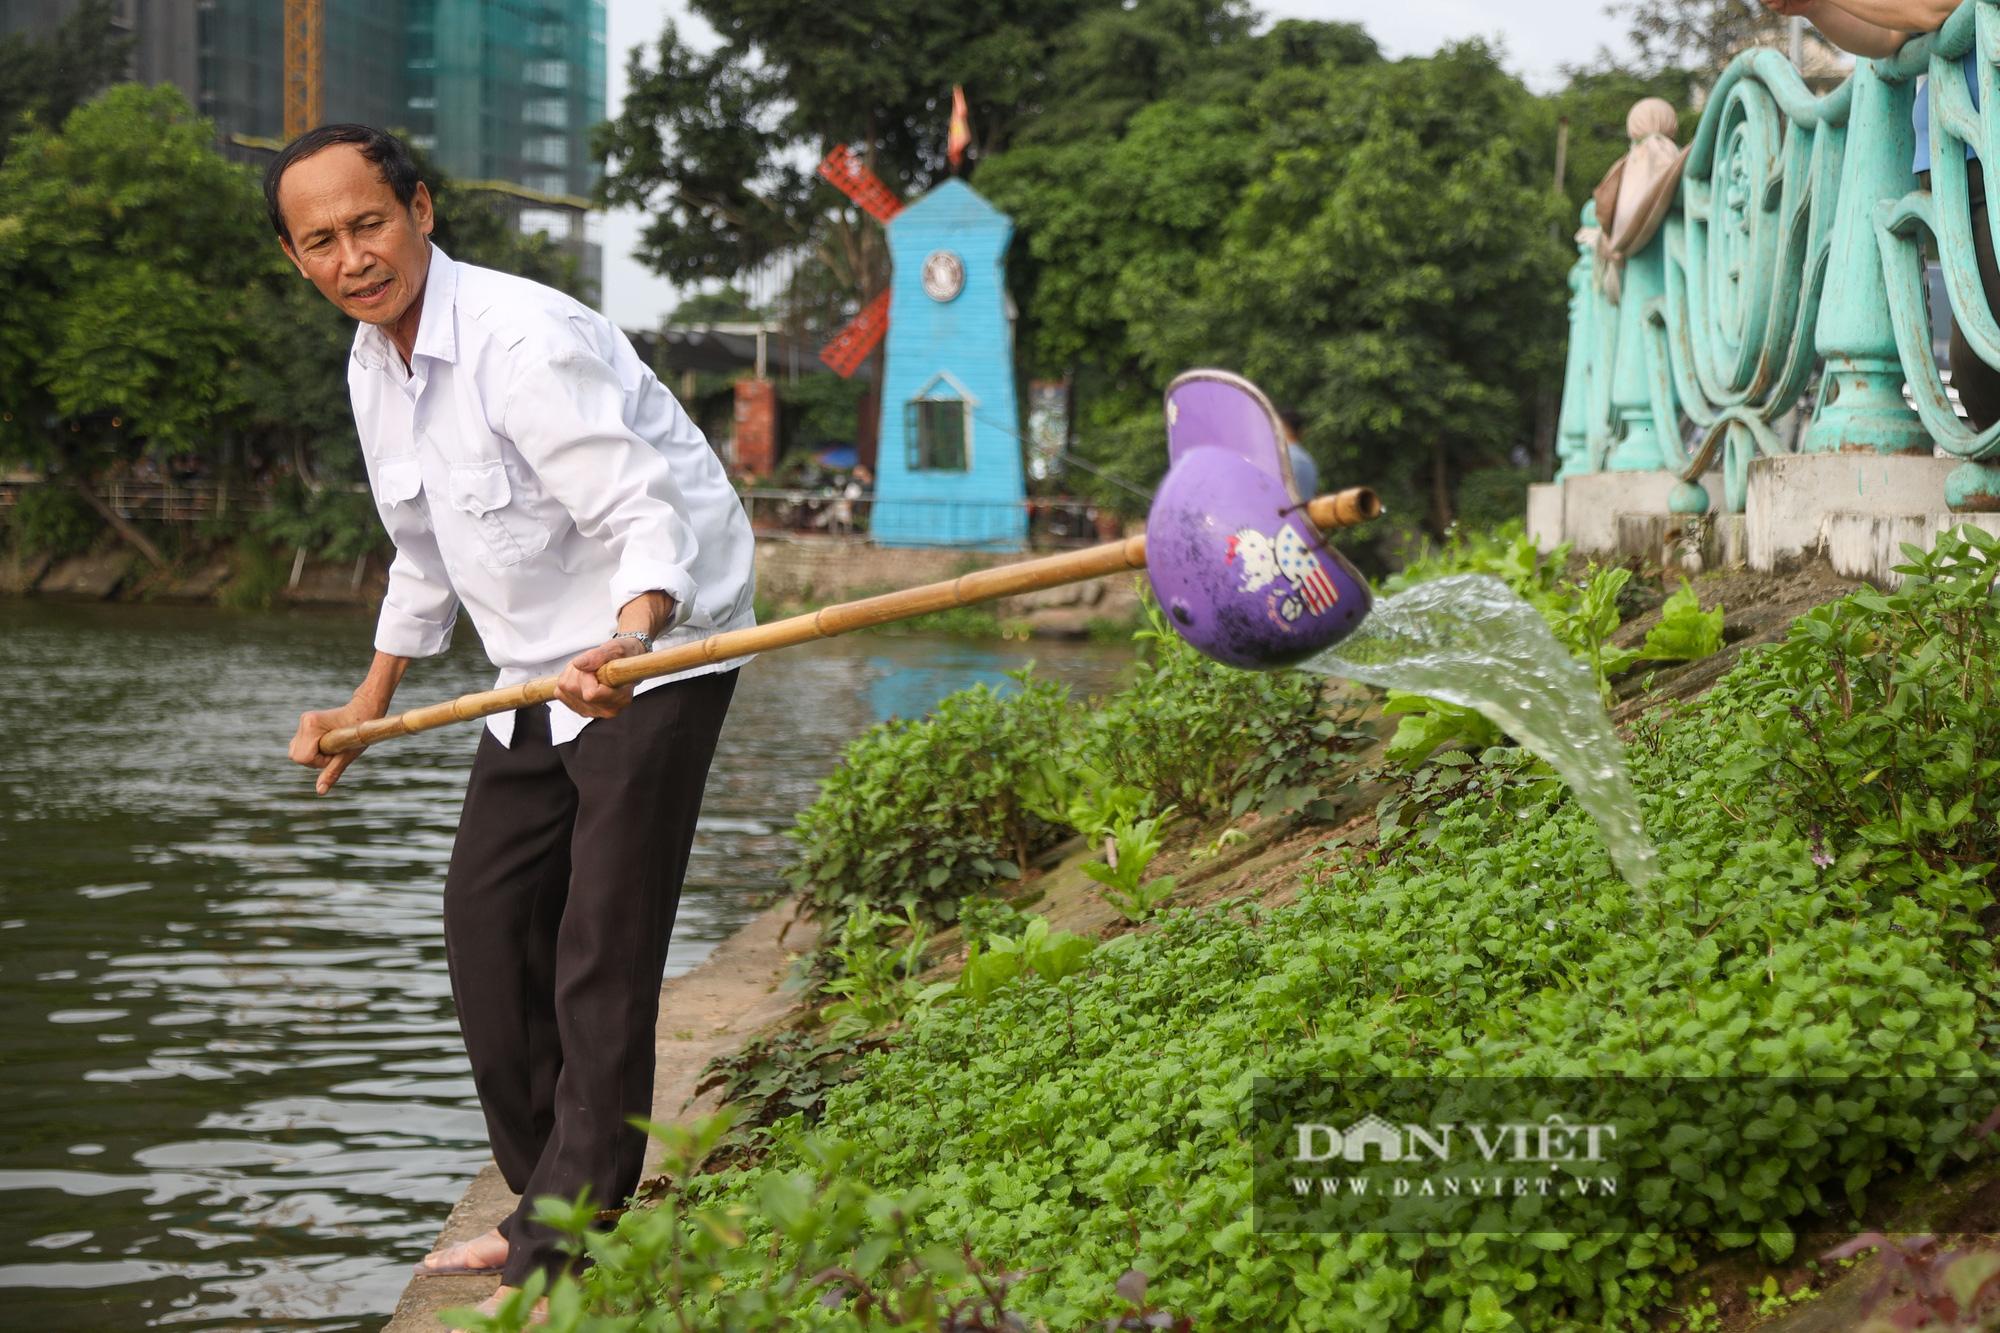 Độc đáo mô hình trồng rau hốc đá ven hồ ở Hà Nội - Ảnh 8.